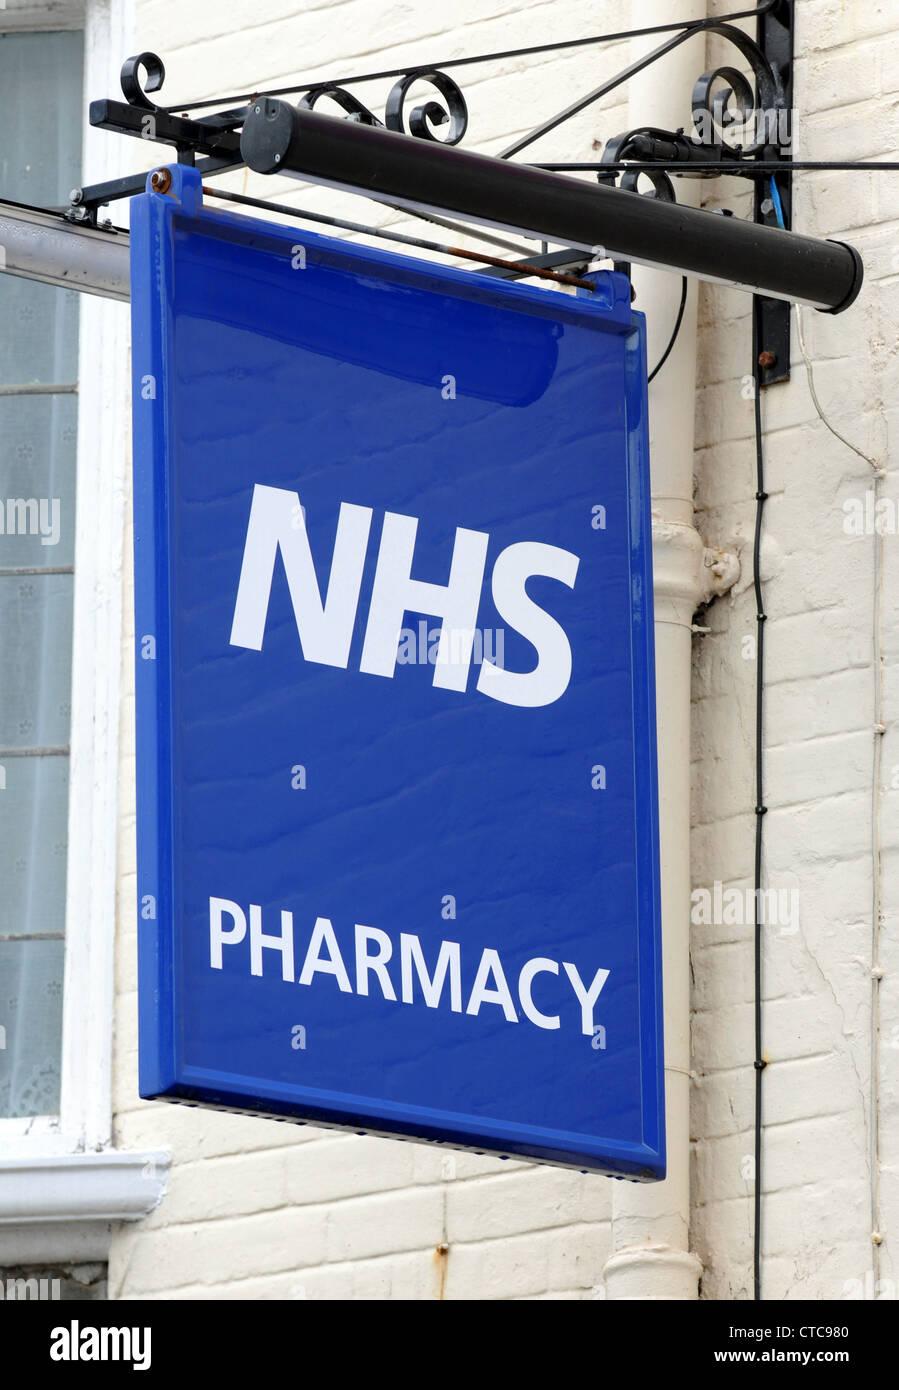 NHS sign, Britain, UK - Stock Image